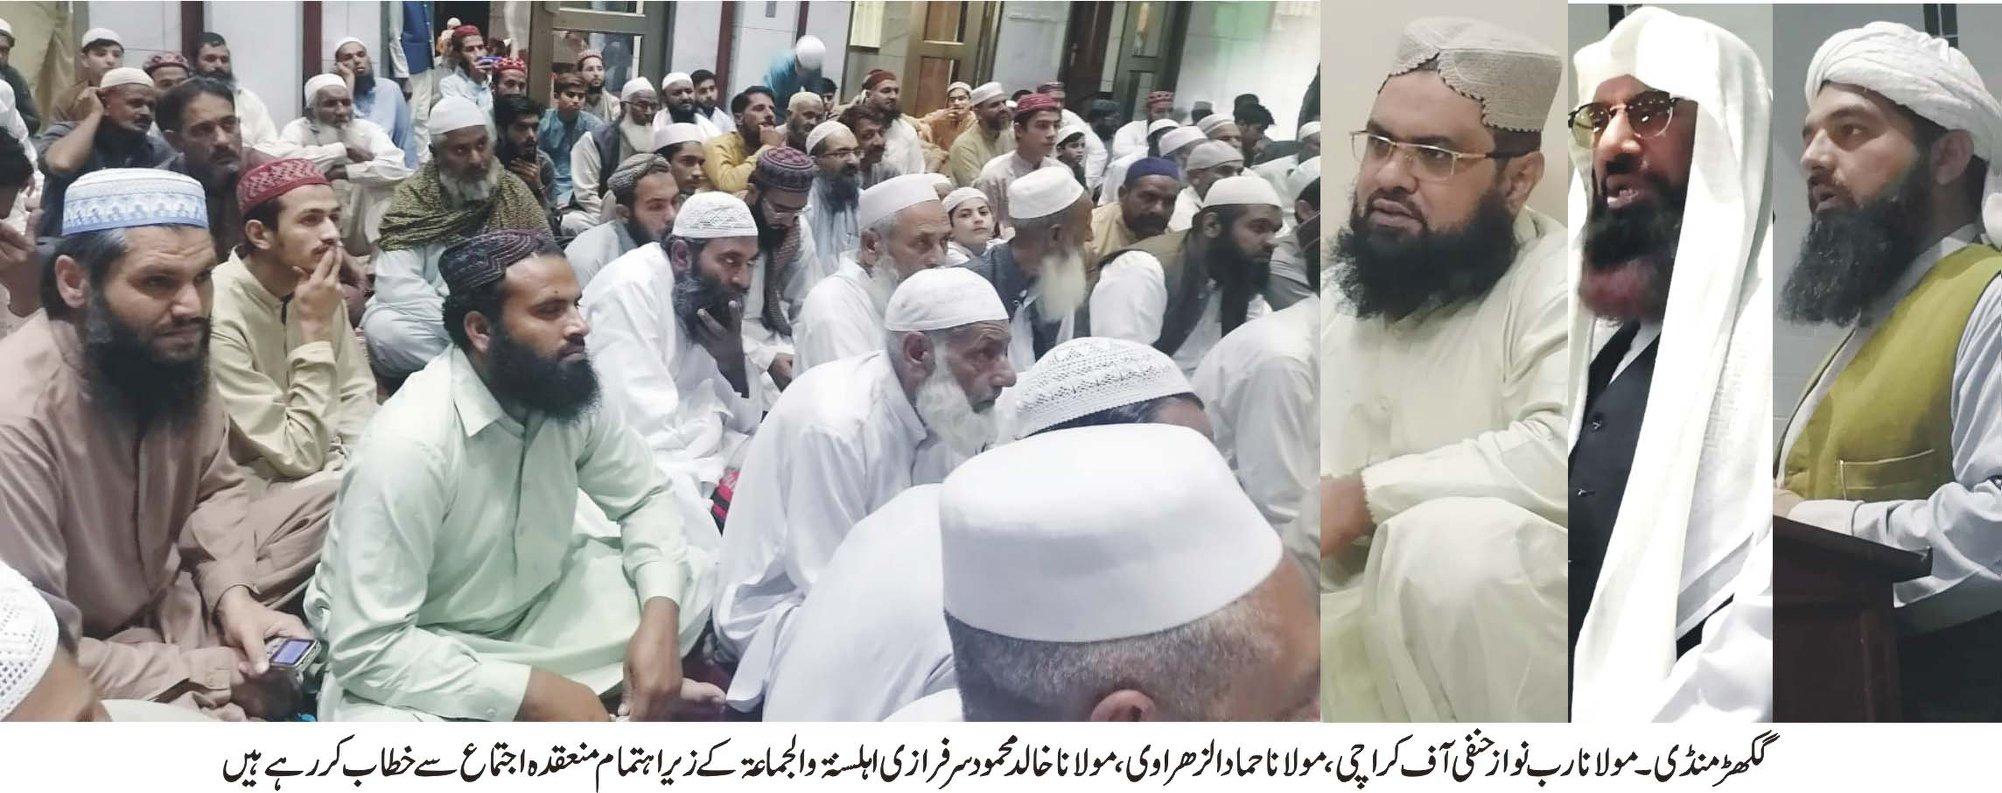 حضور نبی کریم ﷺ کو صحابہ کرام رضی اللہ عنہم سے مشاورت کا حکم دیا(علامہ رب نواز حنفی آف کراچی )